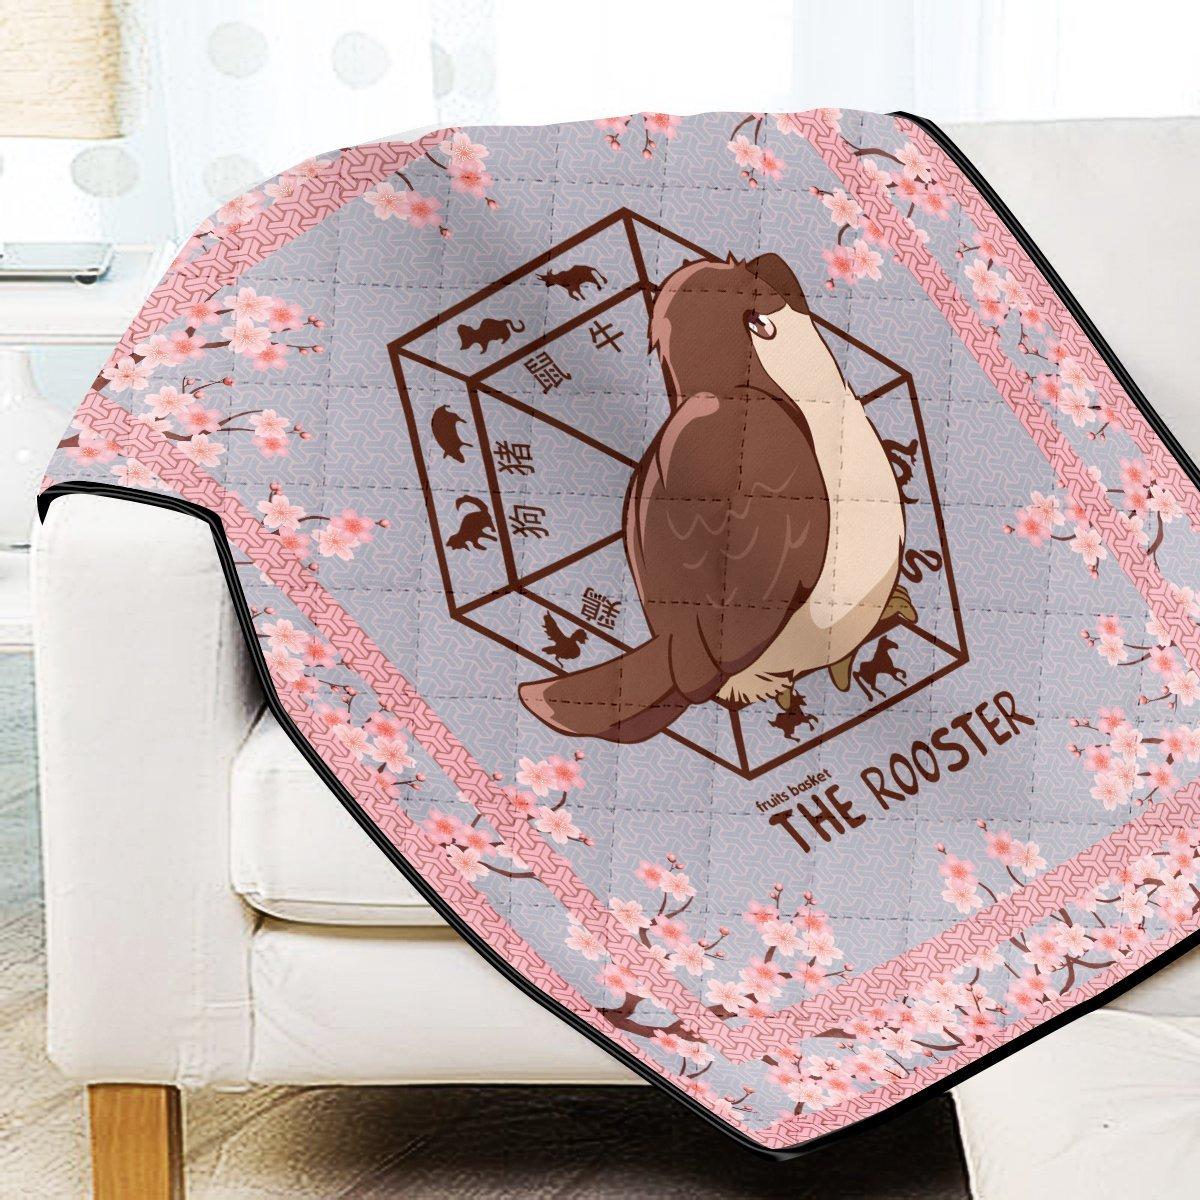 Kureno The Rooster Quilt Blanket Official Merch FDM3009 Twin Official Otaku Treat Merch